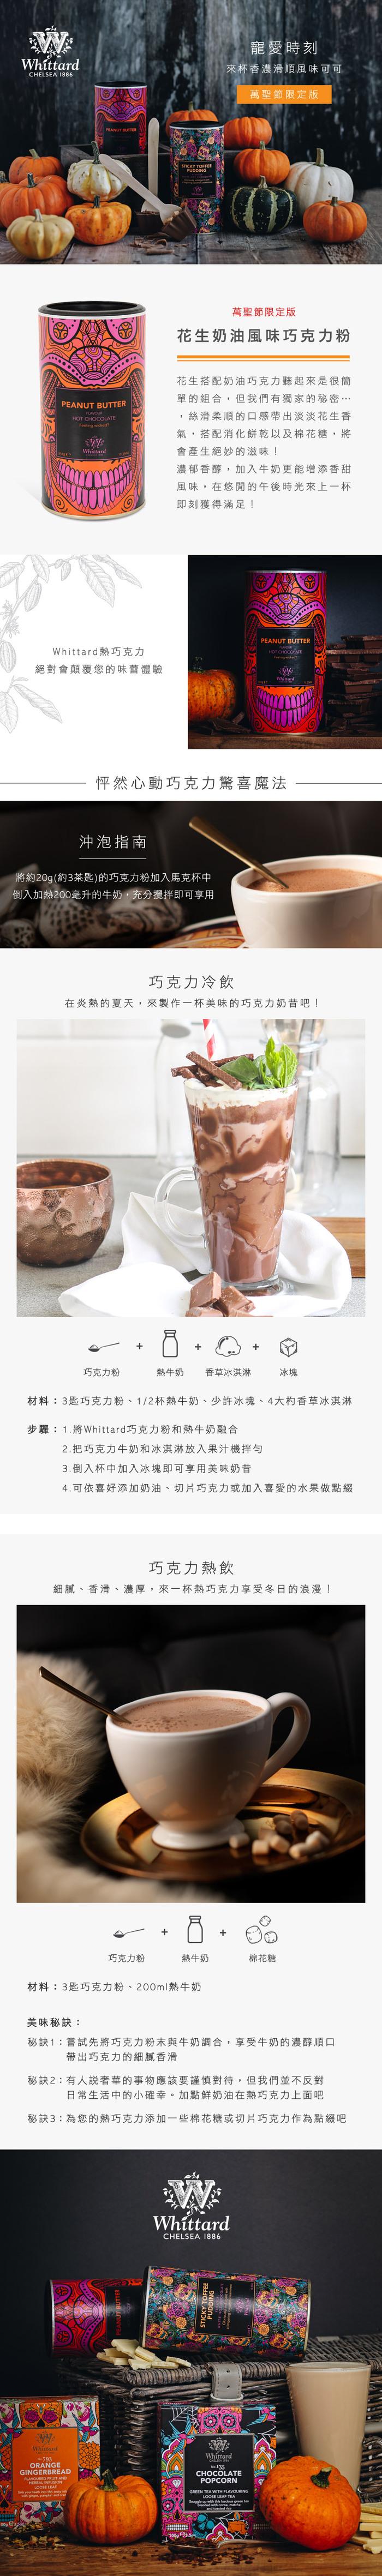 (複製)Whittard | 經典奢華巧克力粉